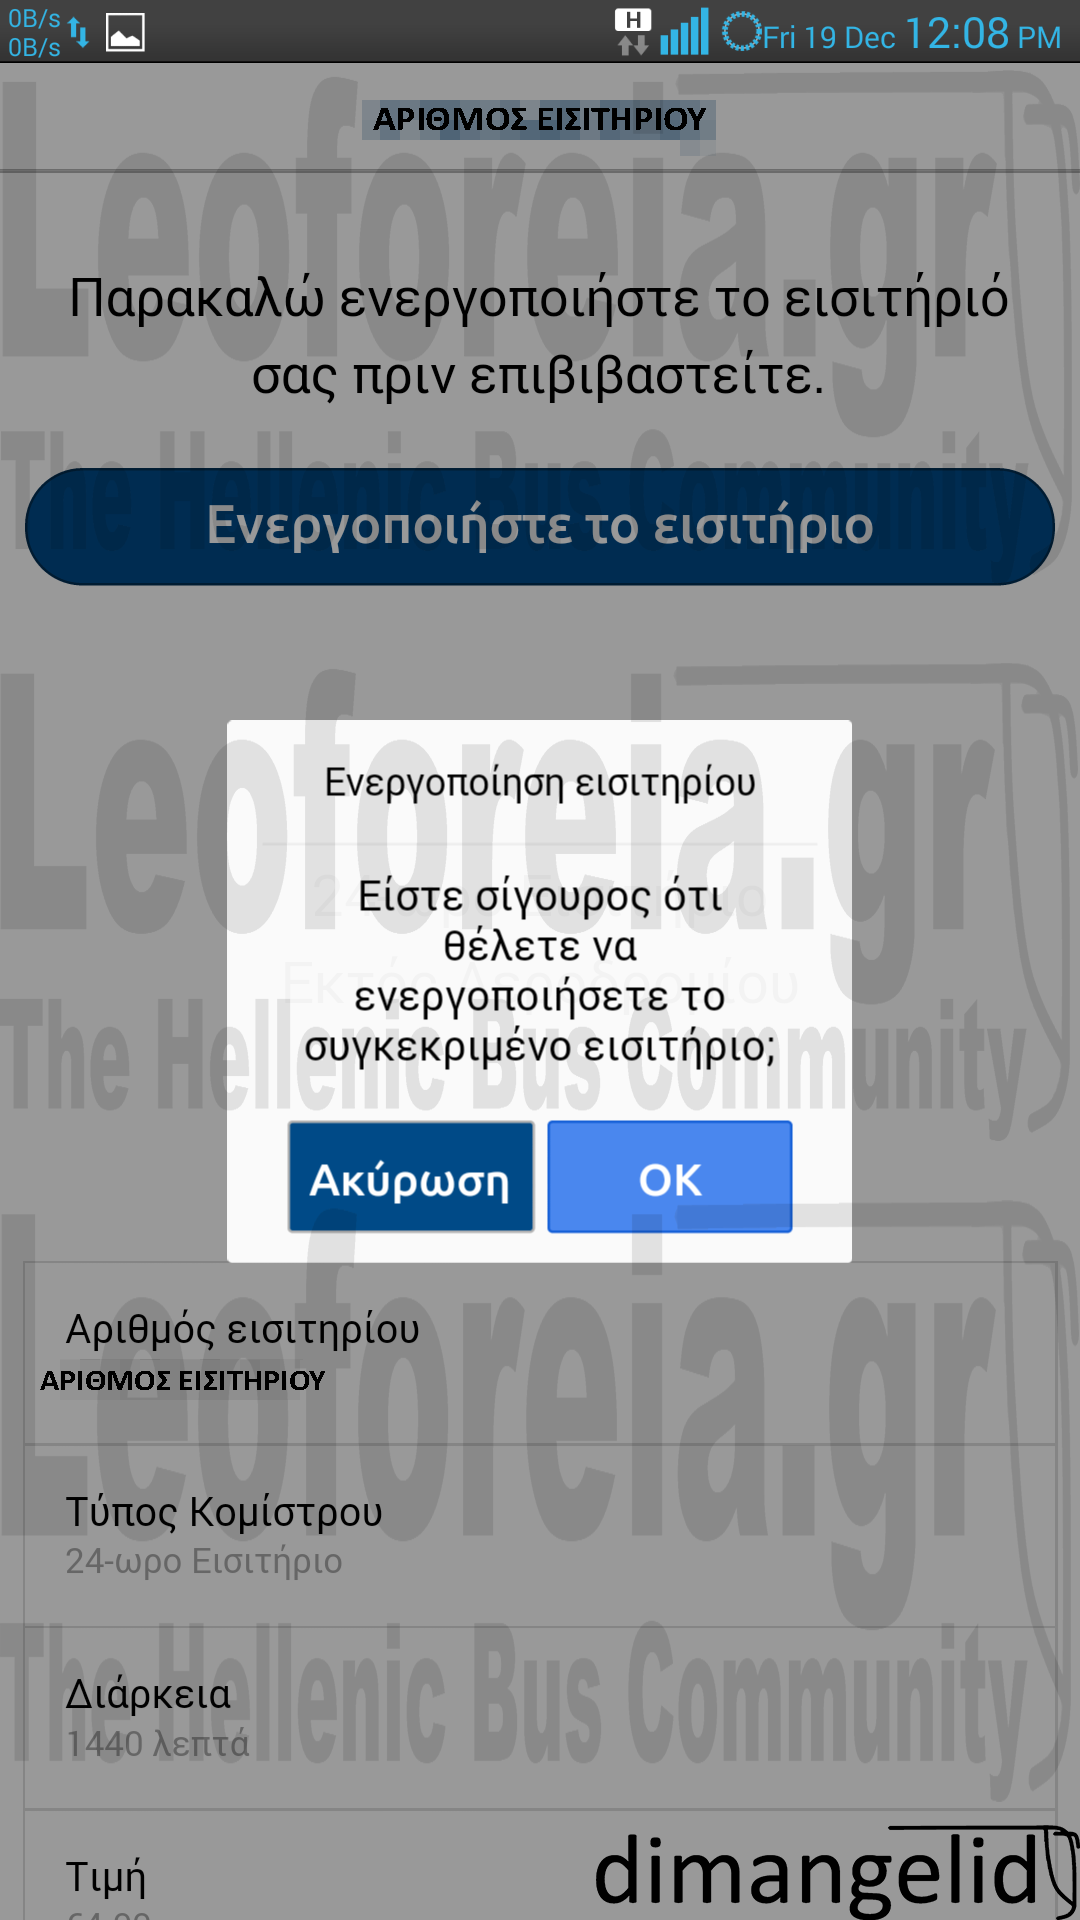 [Εικόνα: 25.energopoiisi_eisitiriou.png]